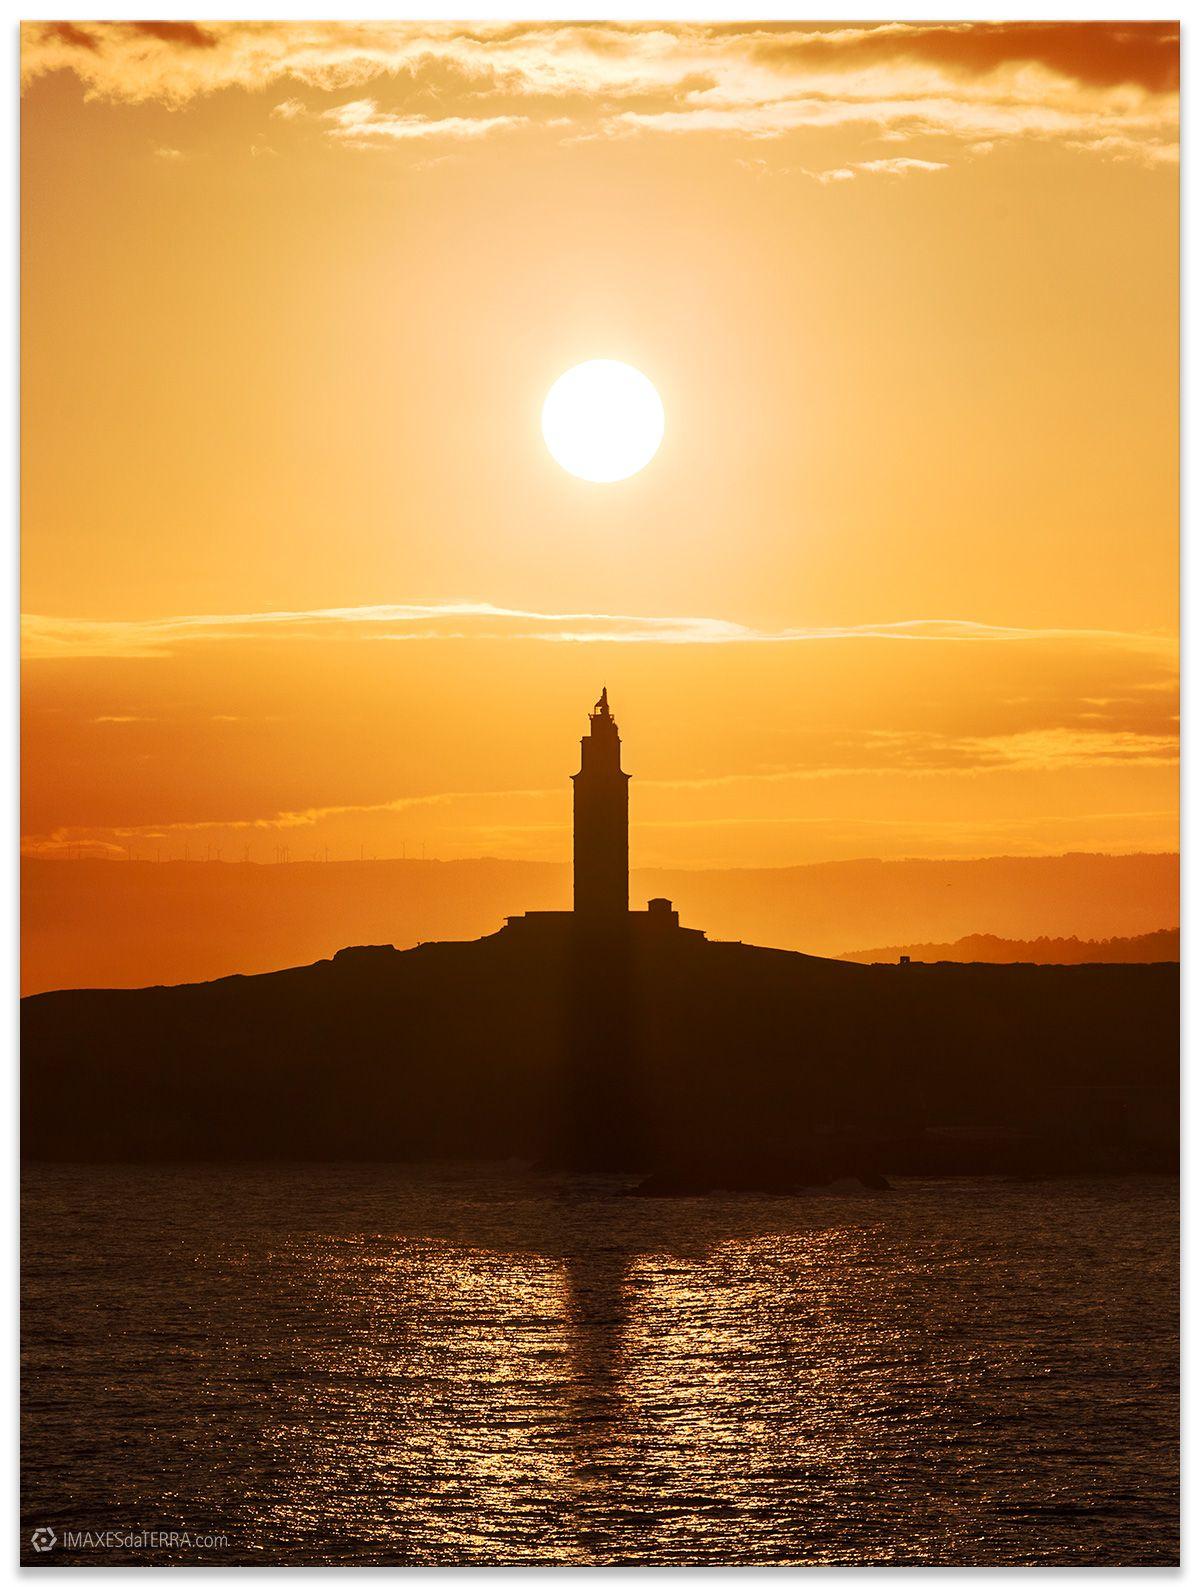 Comprar fotografía de Galicia Torre de Hércules Faros Gallegos Amanecer Decoración Naturaleza Paisaje